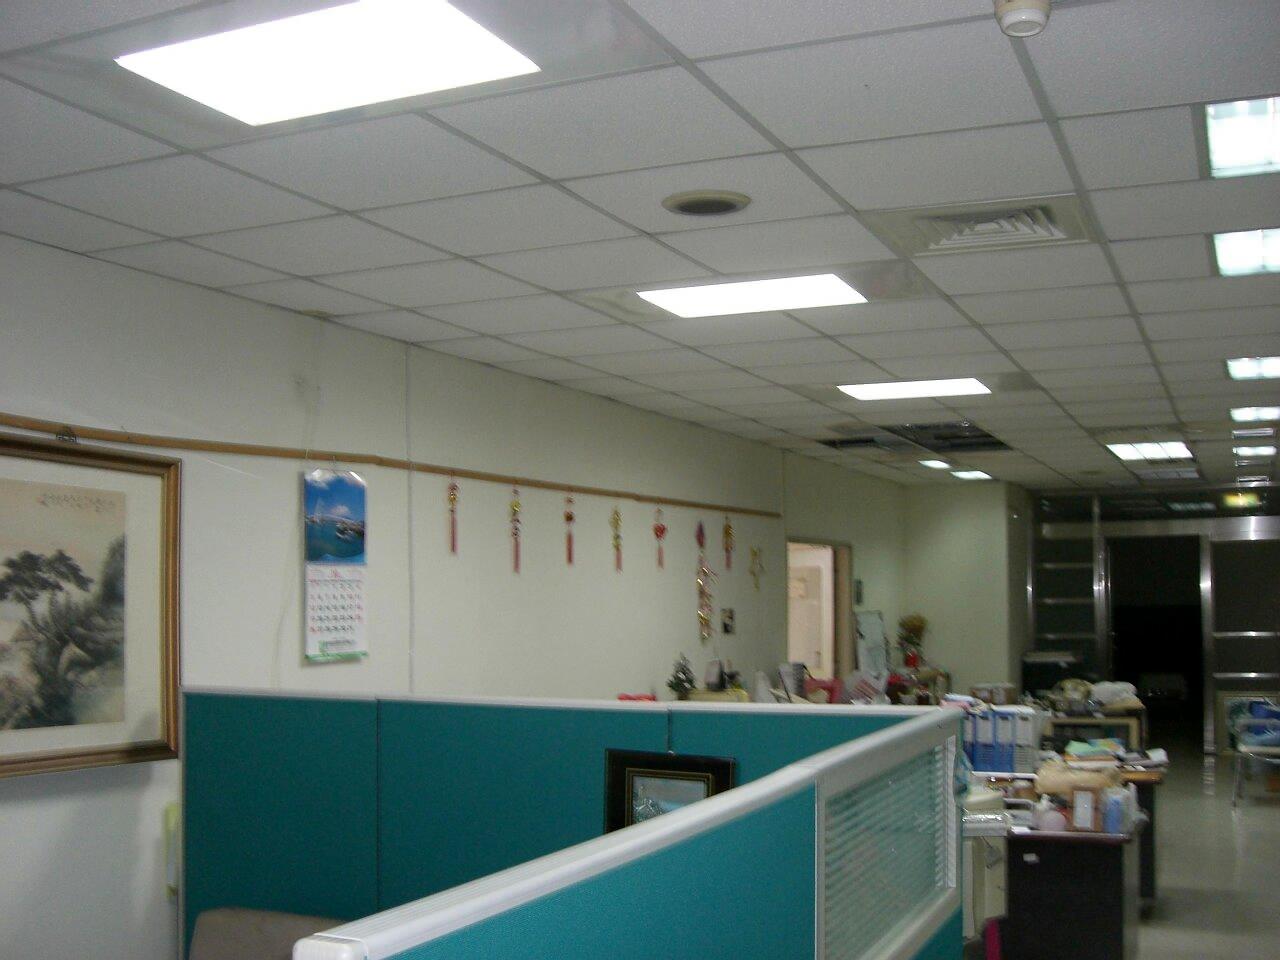 台中市老人医院办公室s.jpg 高清图片